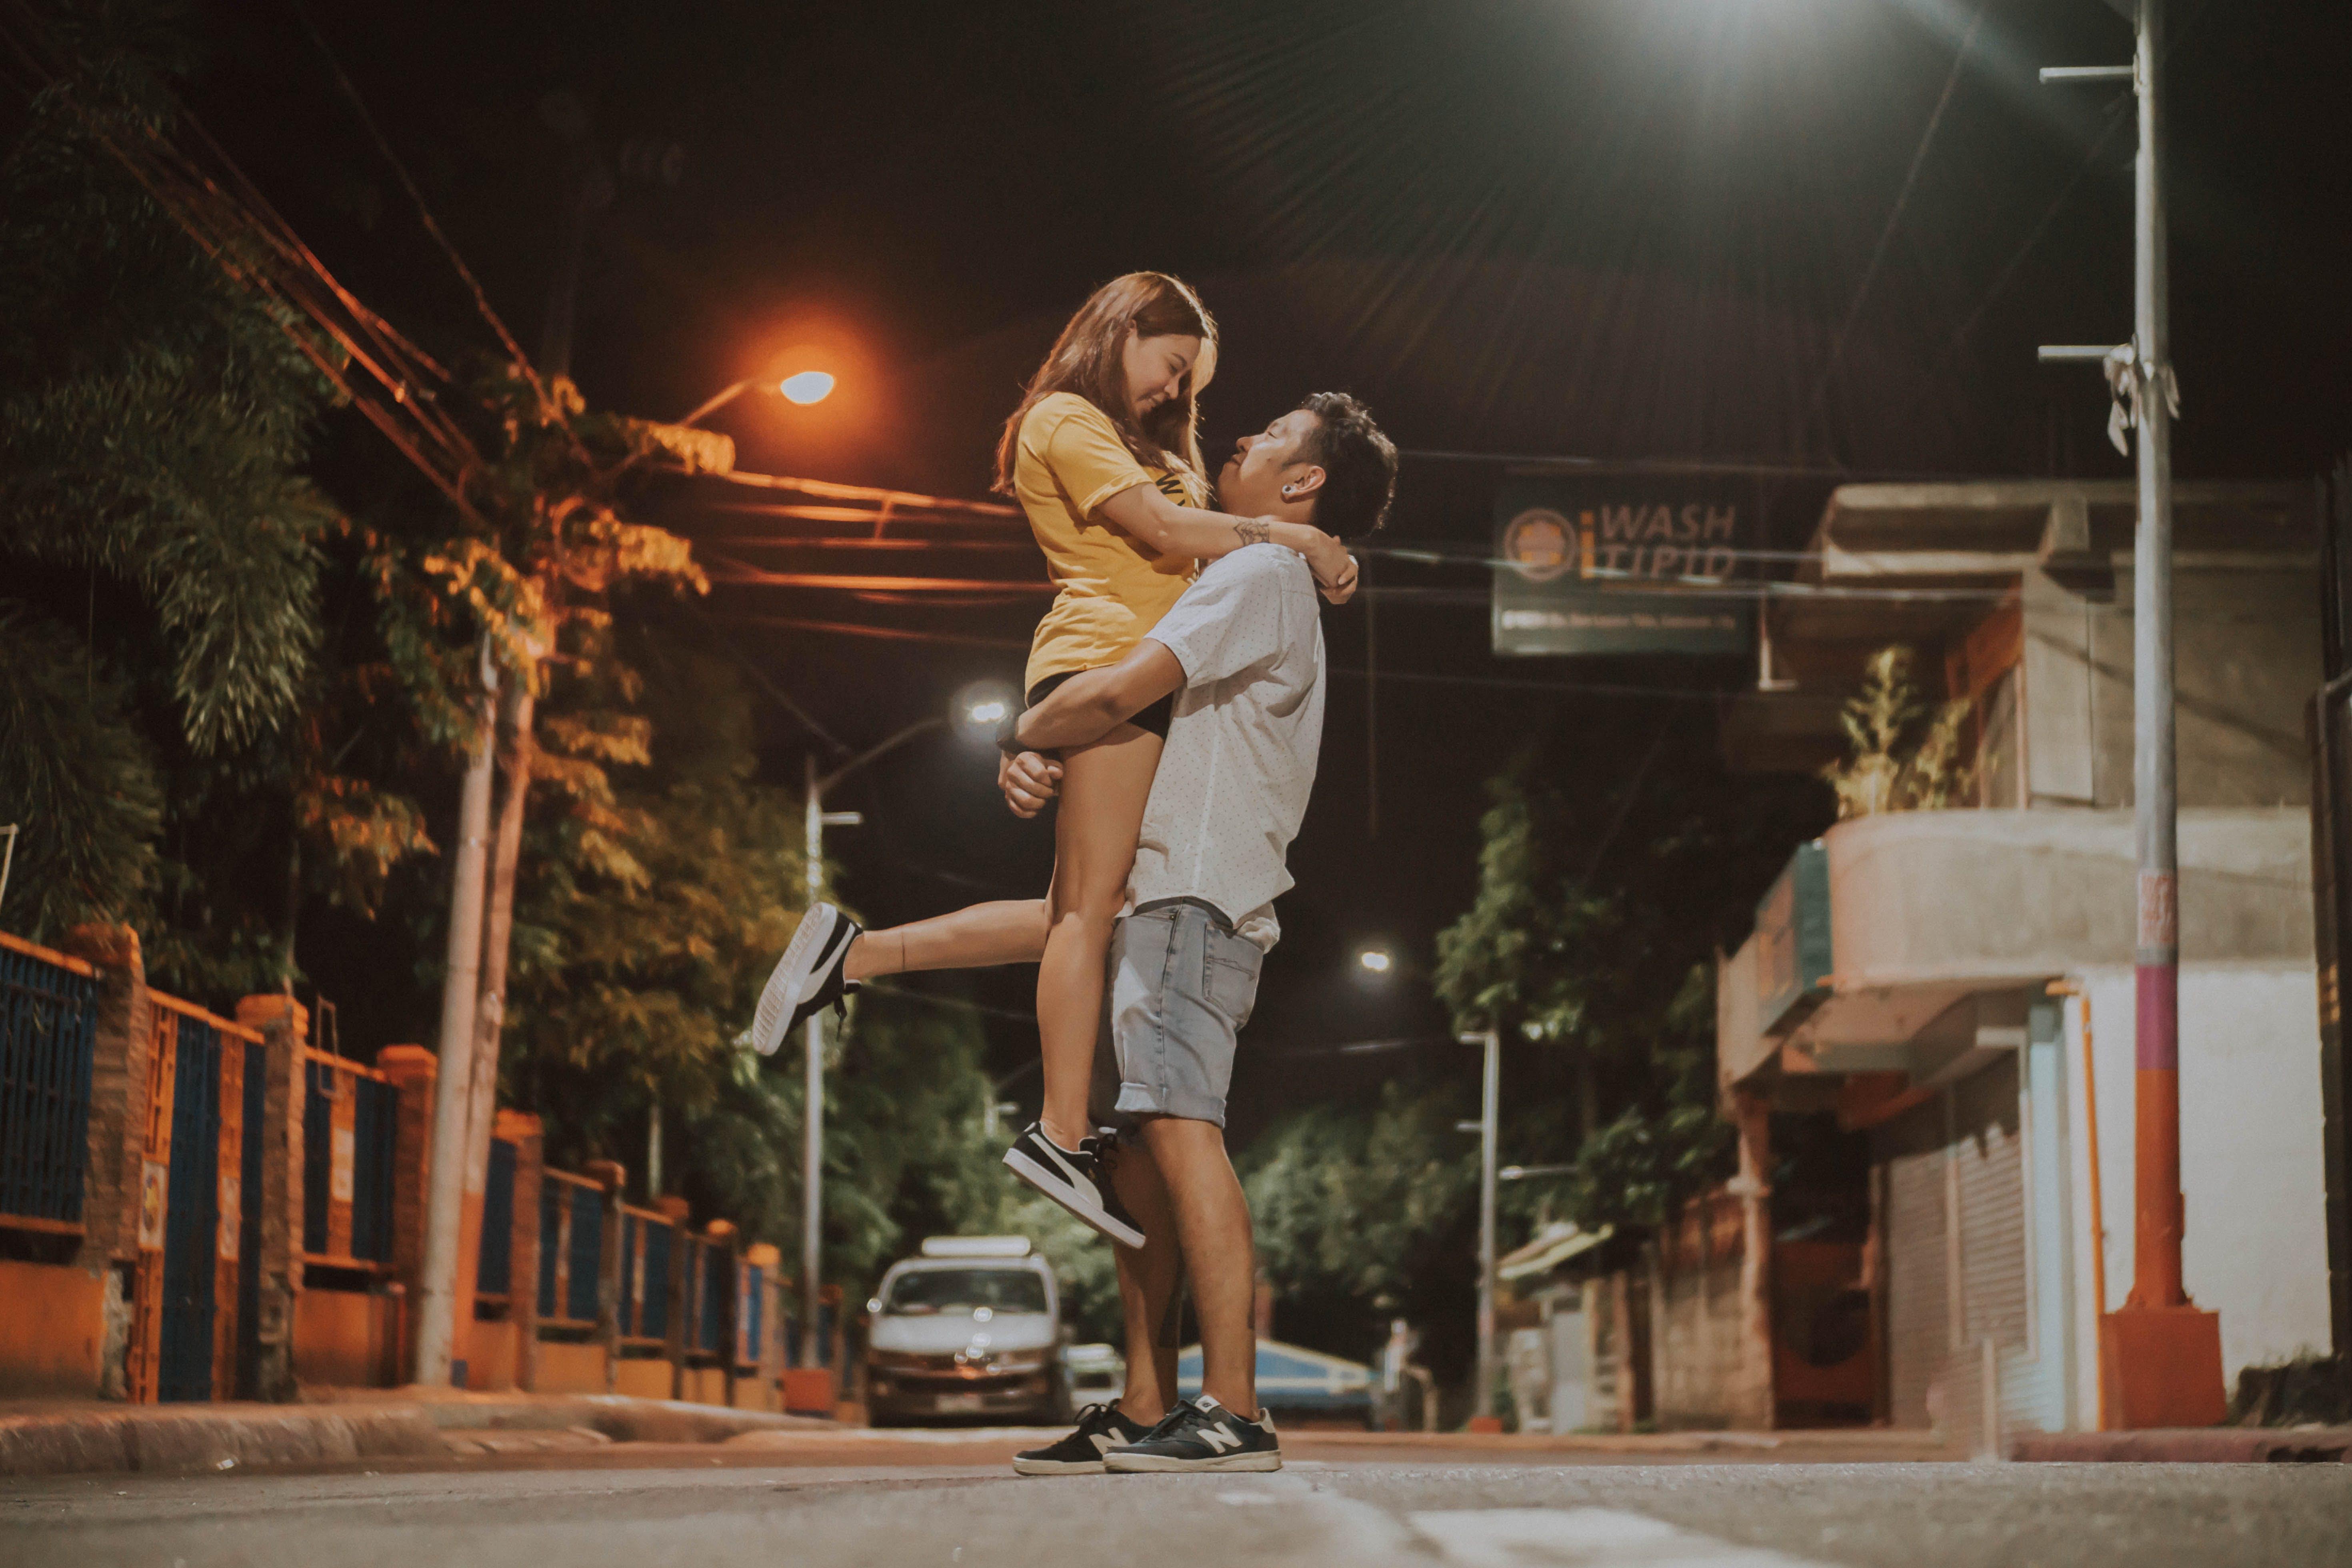 Gratis lagerfoto af gade, hengivenhed, kvinde, Kærlighed